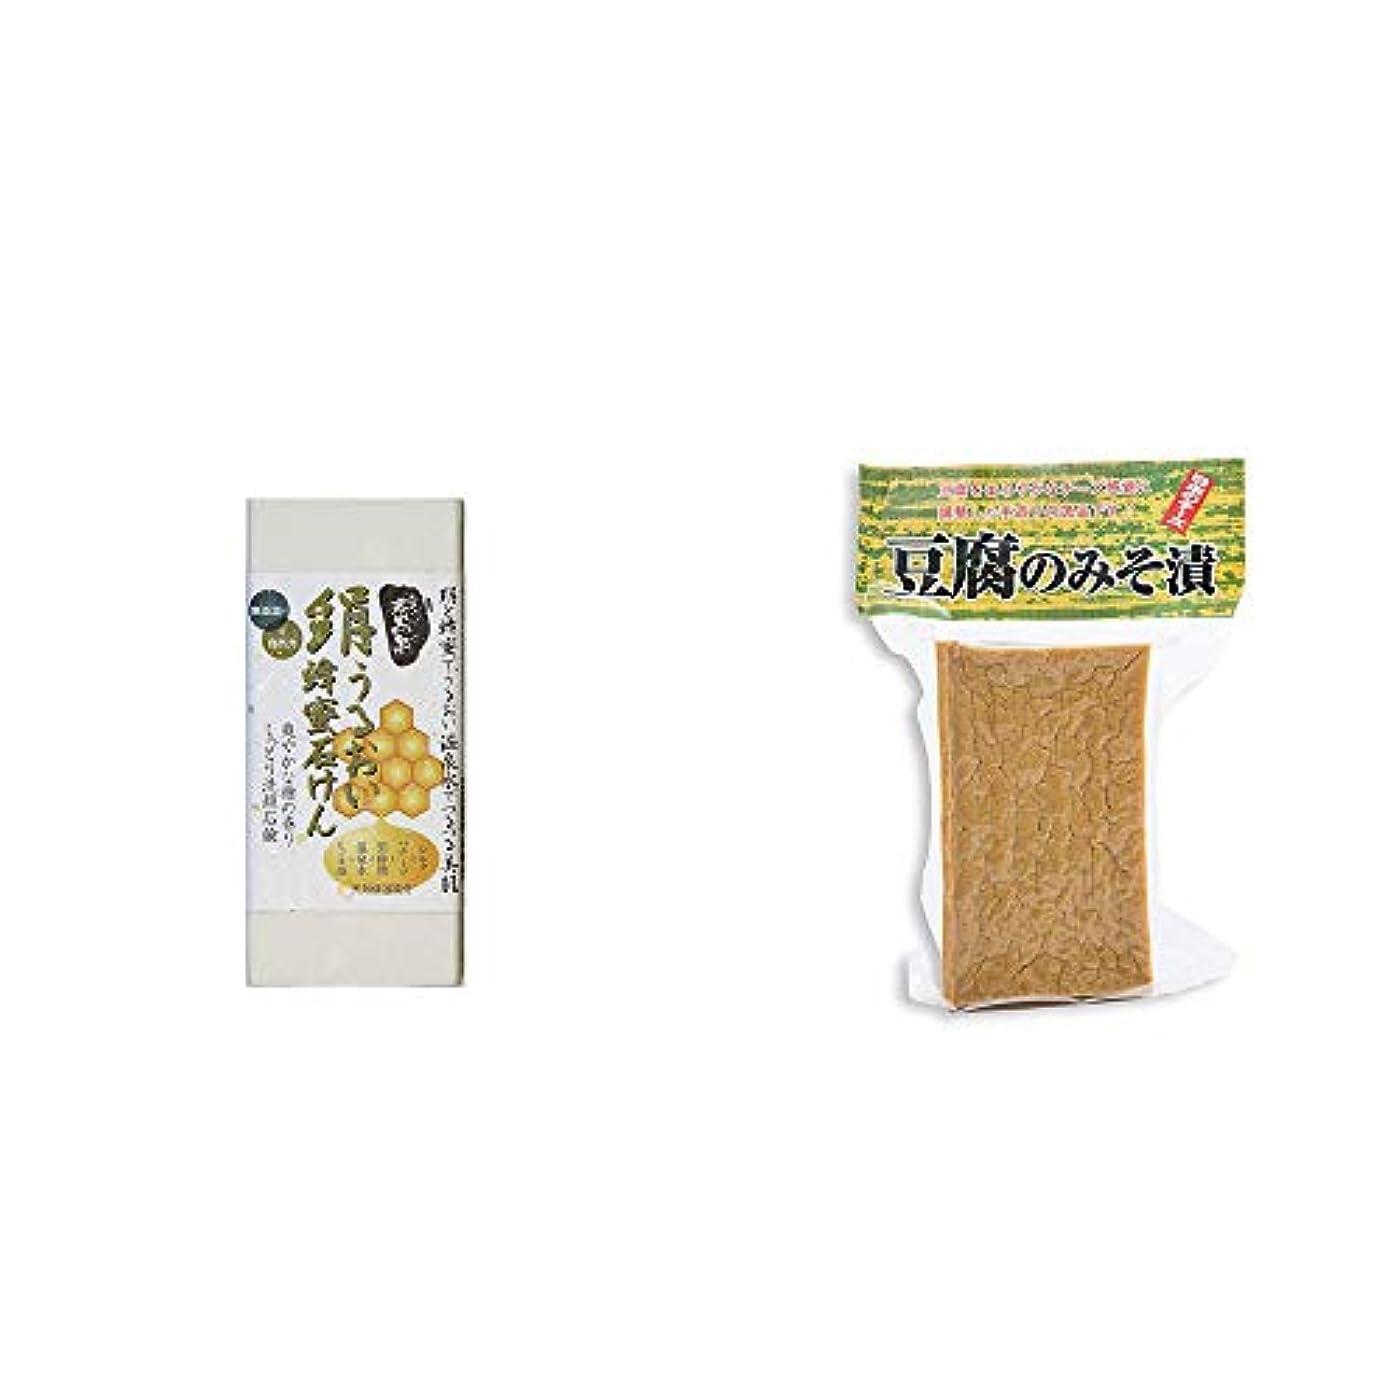 肯定的君主透過性[2点セット] ひのき炭黒泉 絹うるおい蜂蜜石けん(75g×2)?日本のチーズ 豆腐のみそ漬(1個入)